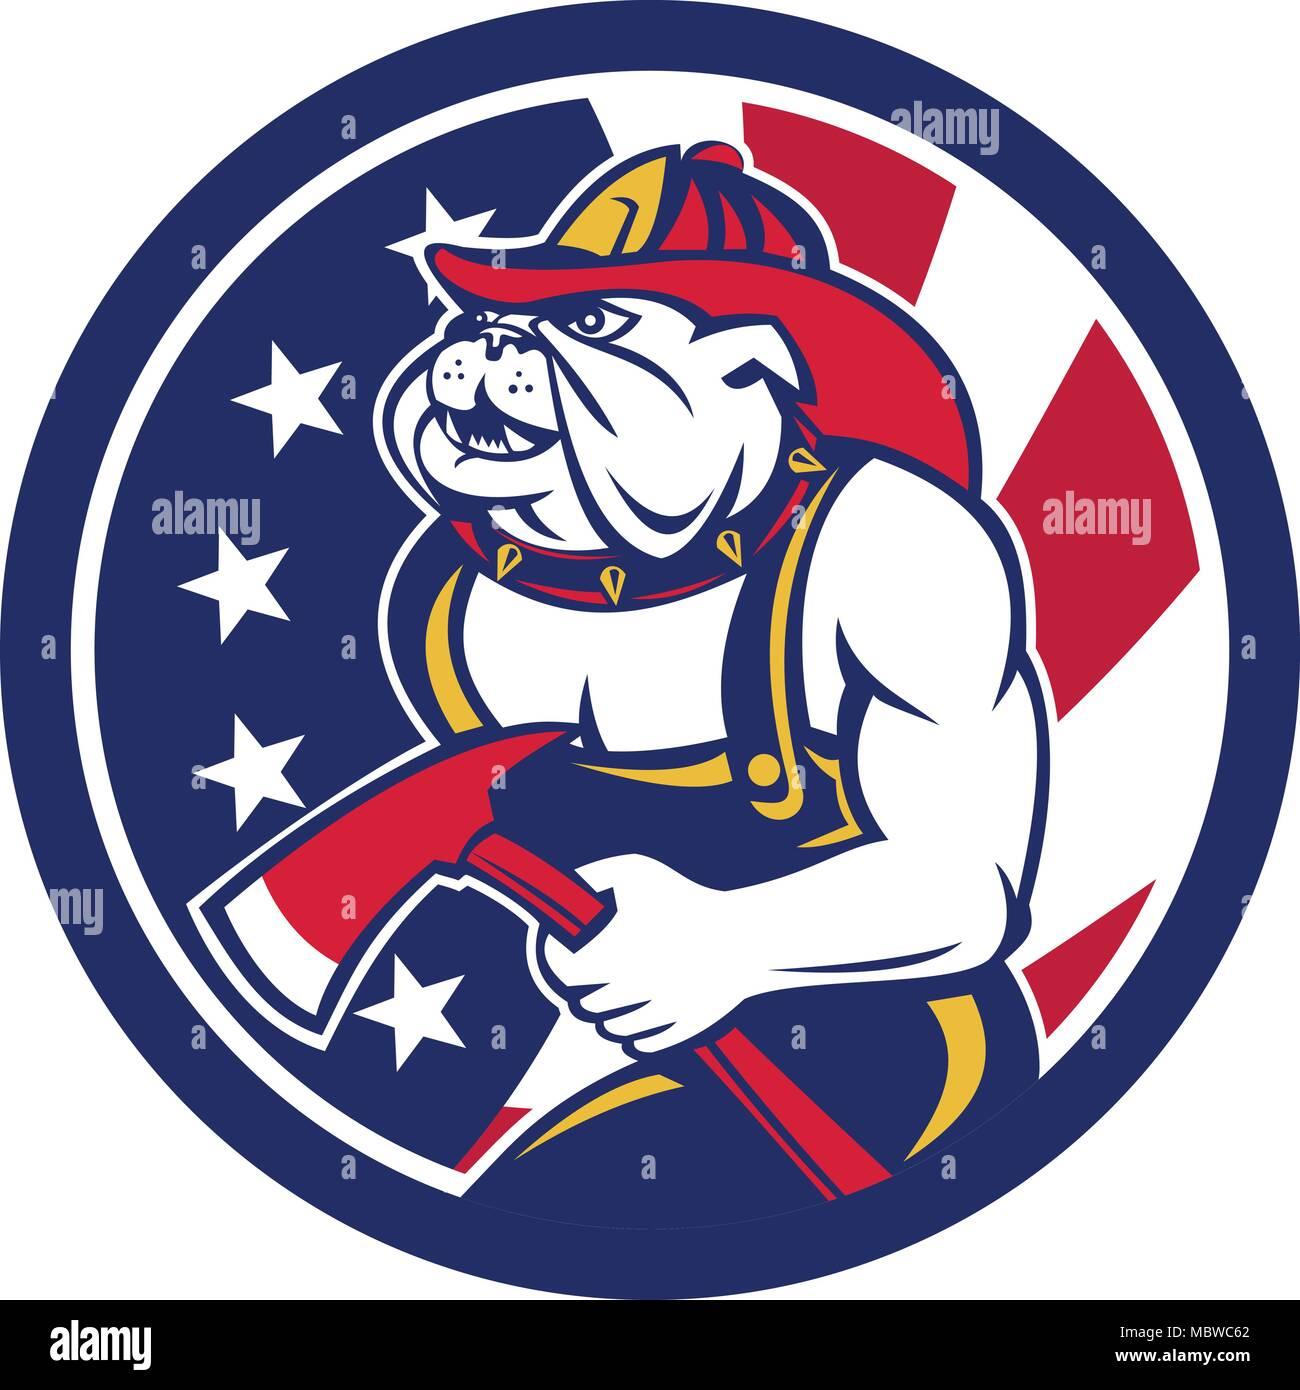 Fire Department Mascot Stock Photos & Fire Department Mascot Stock